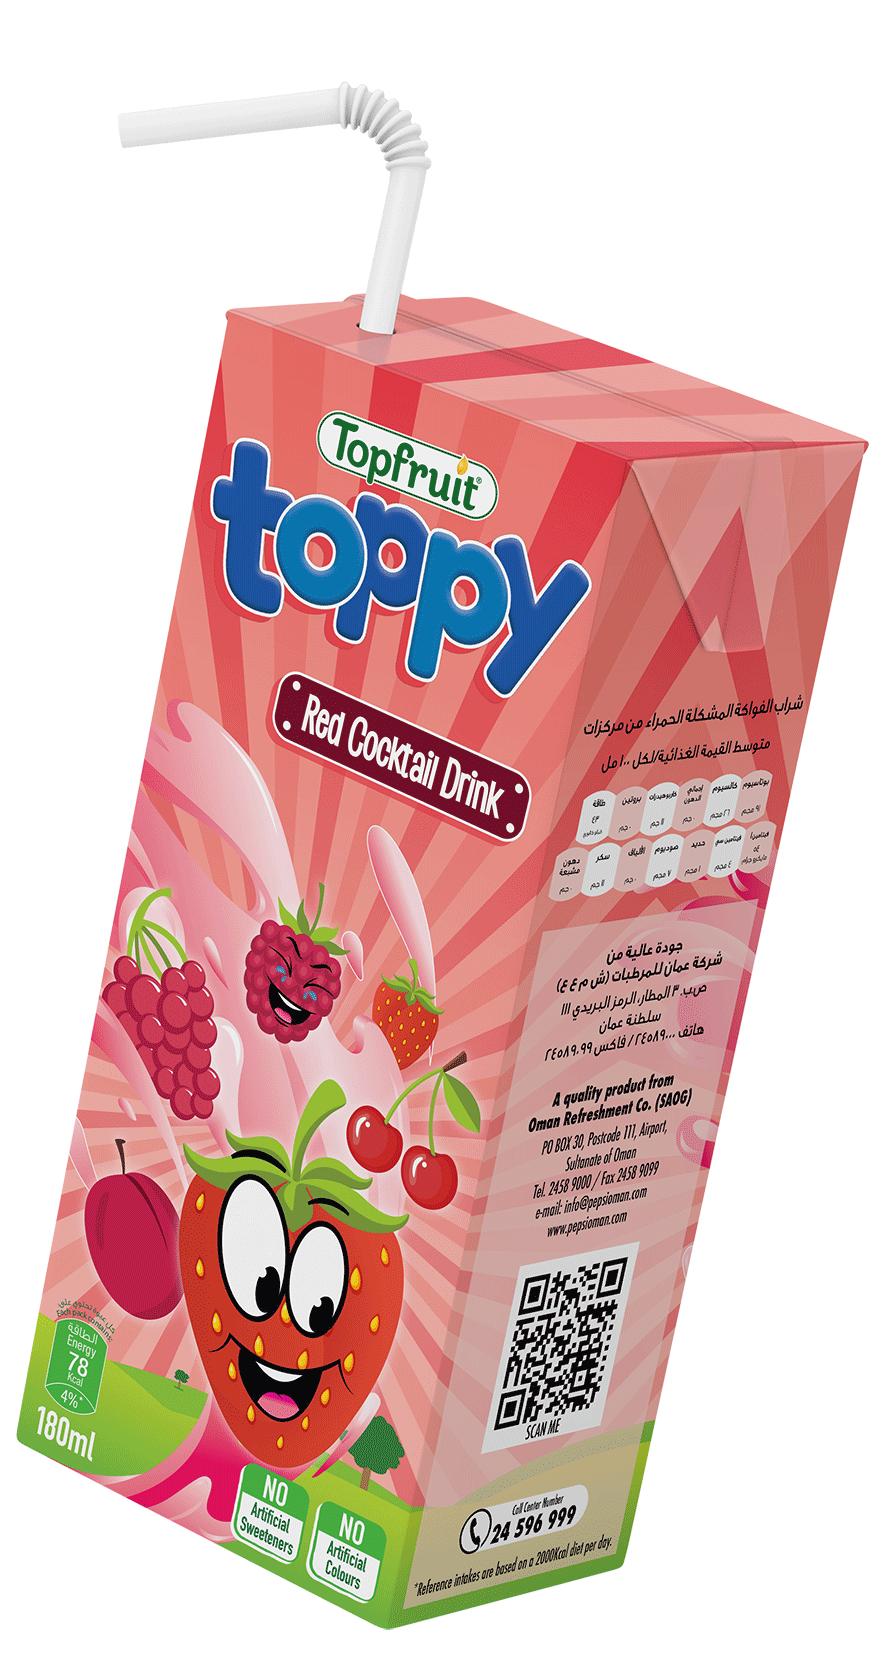 TopFruit Toppy Red Cocktail 180 ml